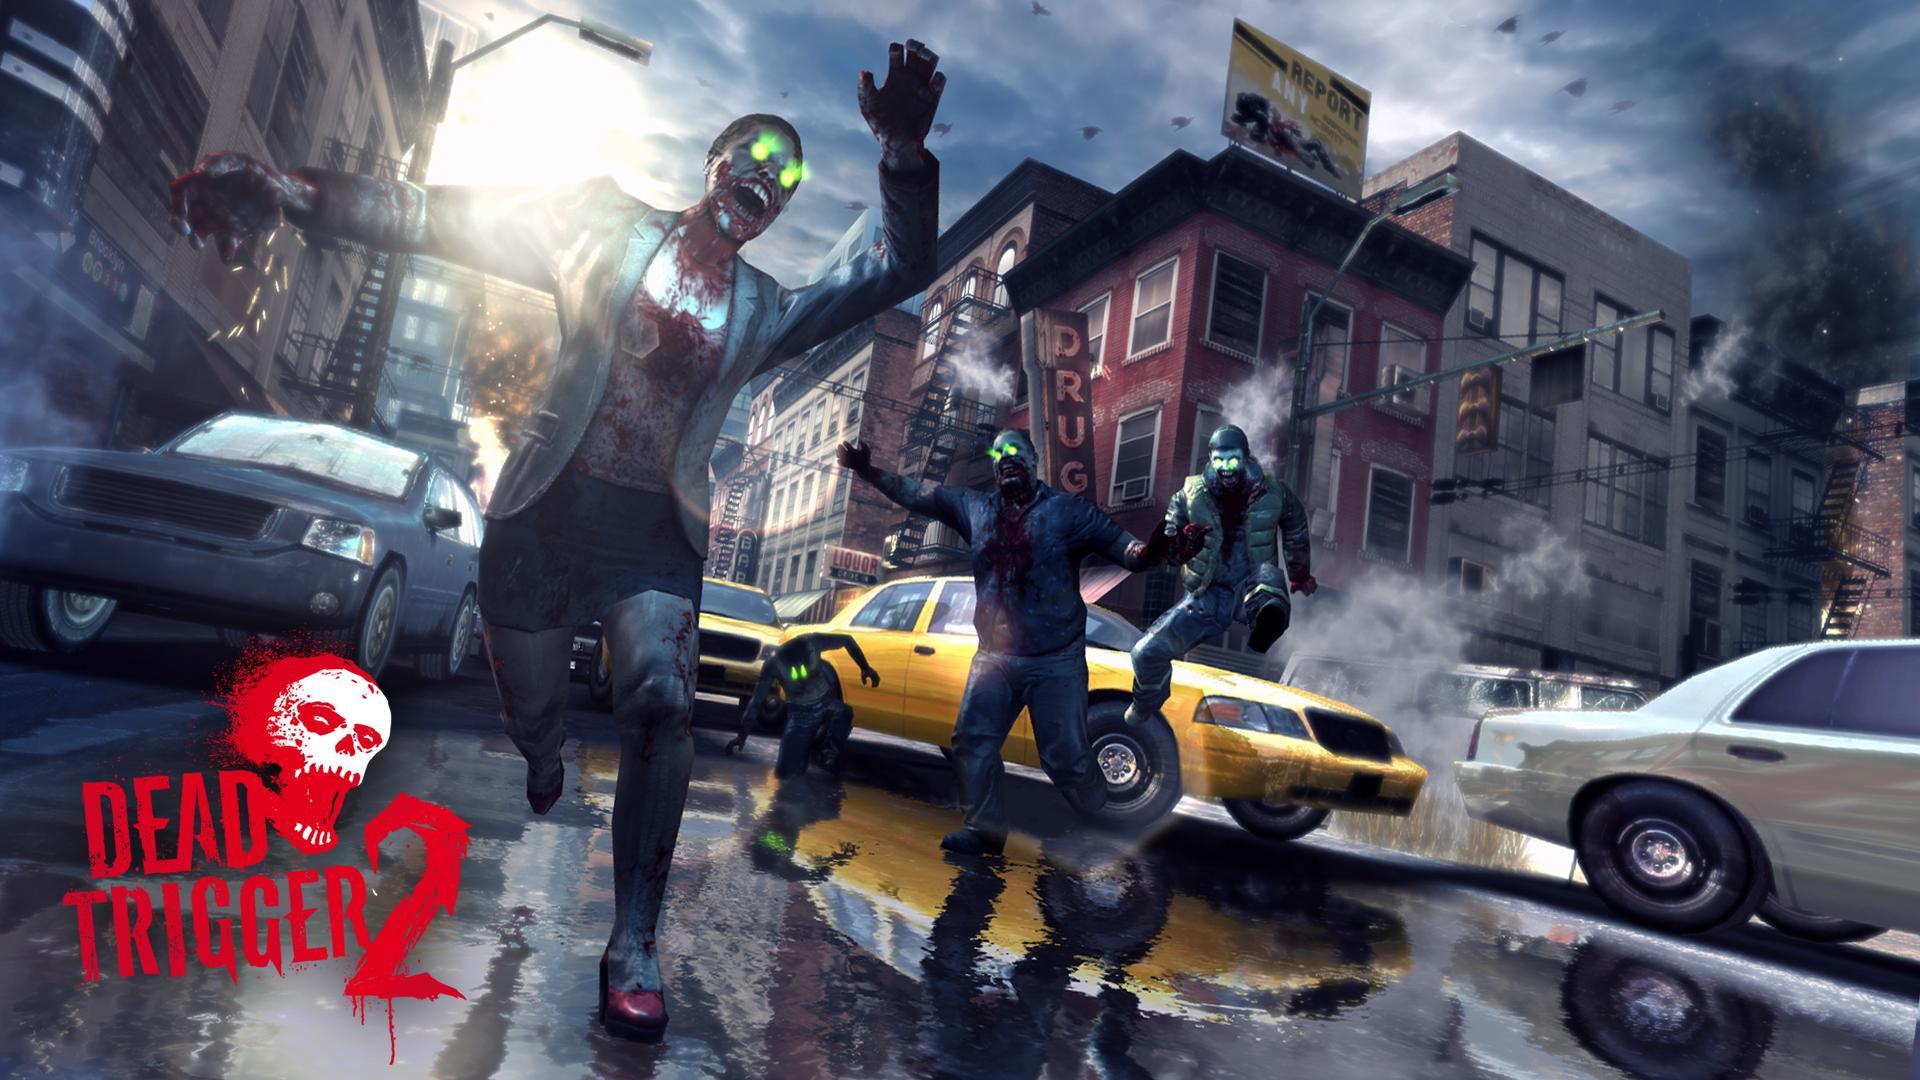 Dead Trigger 2 - zombie hra míří na tablety a telefony s androidem